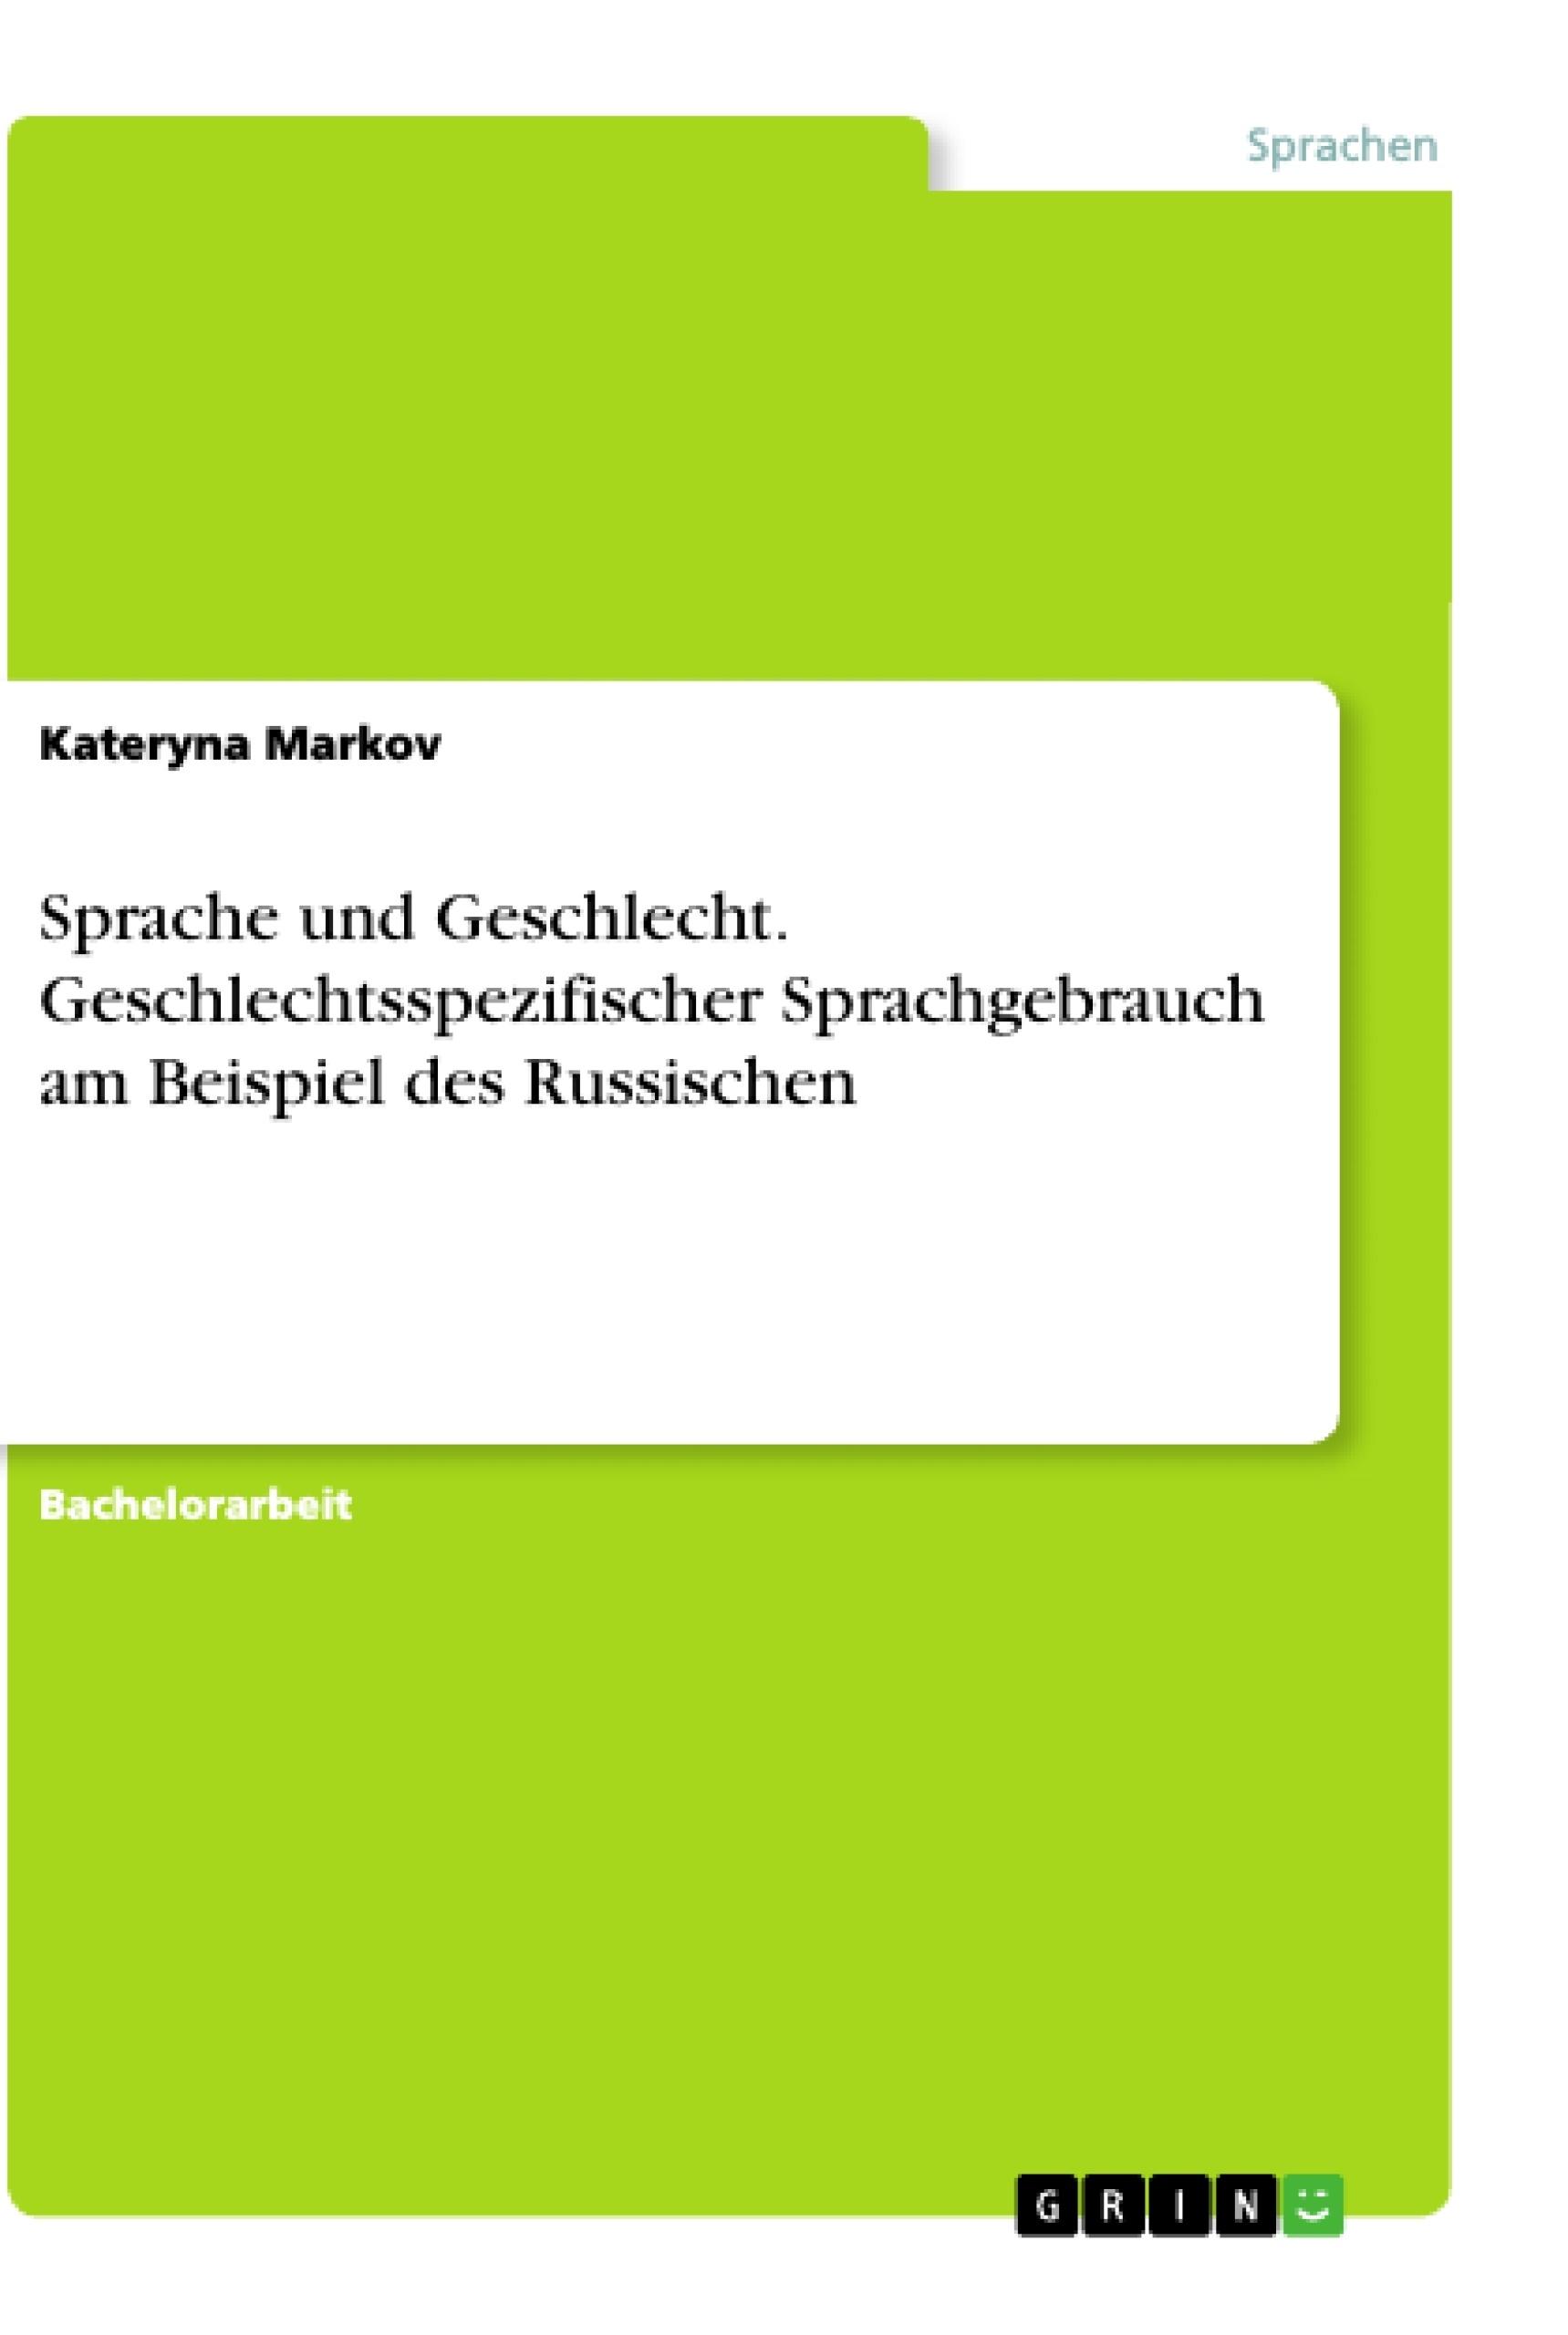 Titel: Sprache und Geschlecht. Geschlechtsspezifischer Sprachgebrauch am Beispiel des Russischen